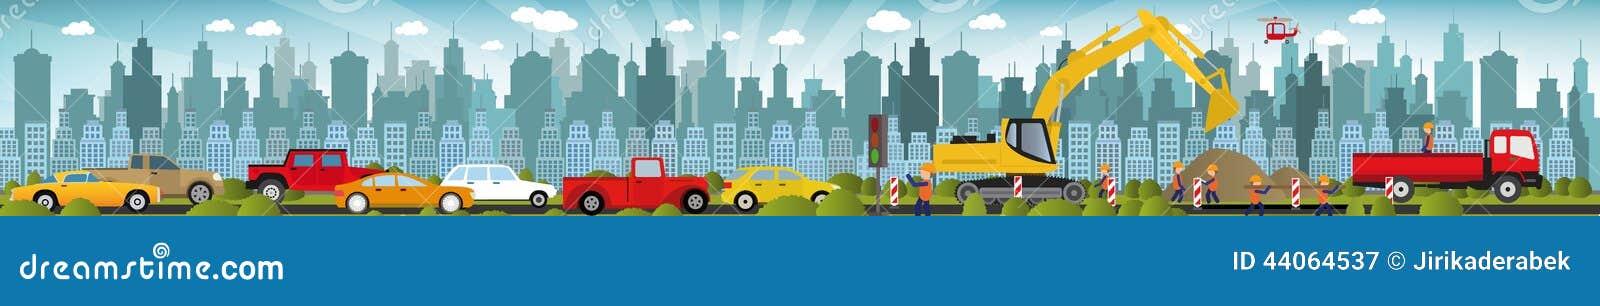 Εργασία για τους δρόμους (κυκλοφοριακή συμφόρηση)